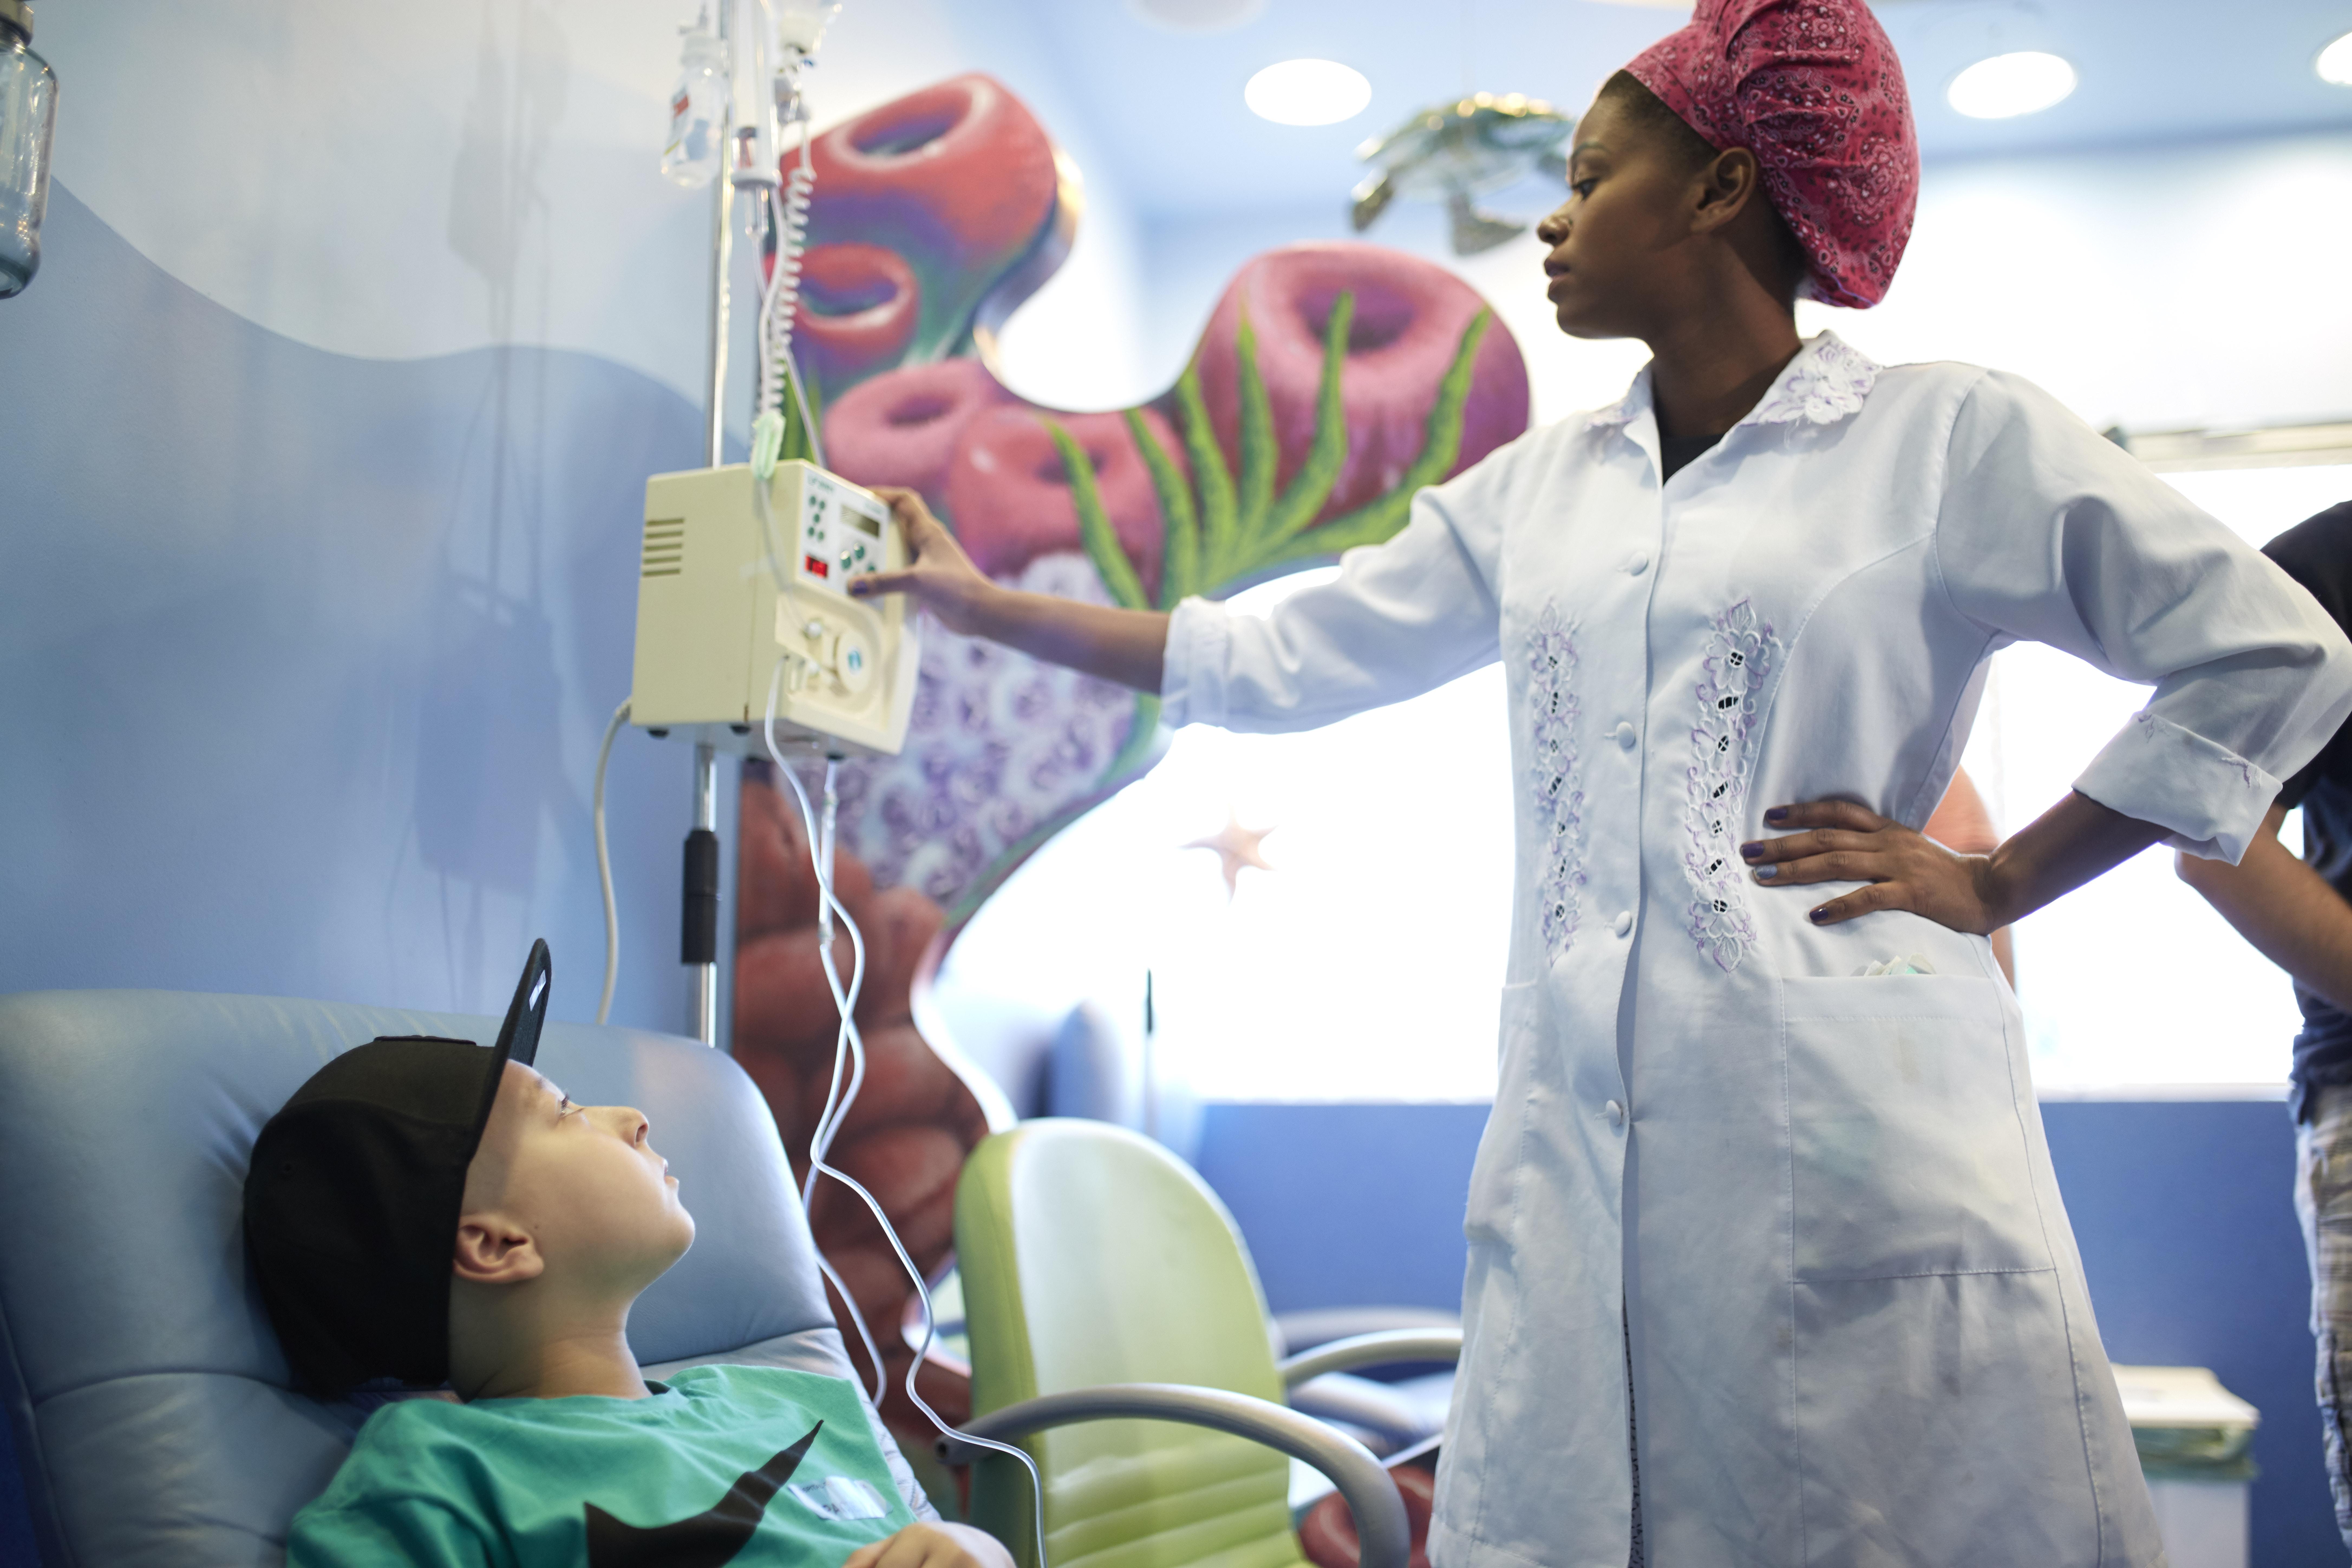 19 médicos capacitados em diagnóstico de câncer para crianças e adolescentes